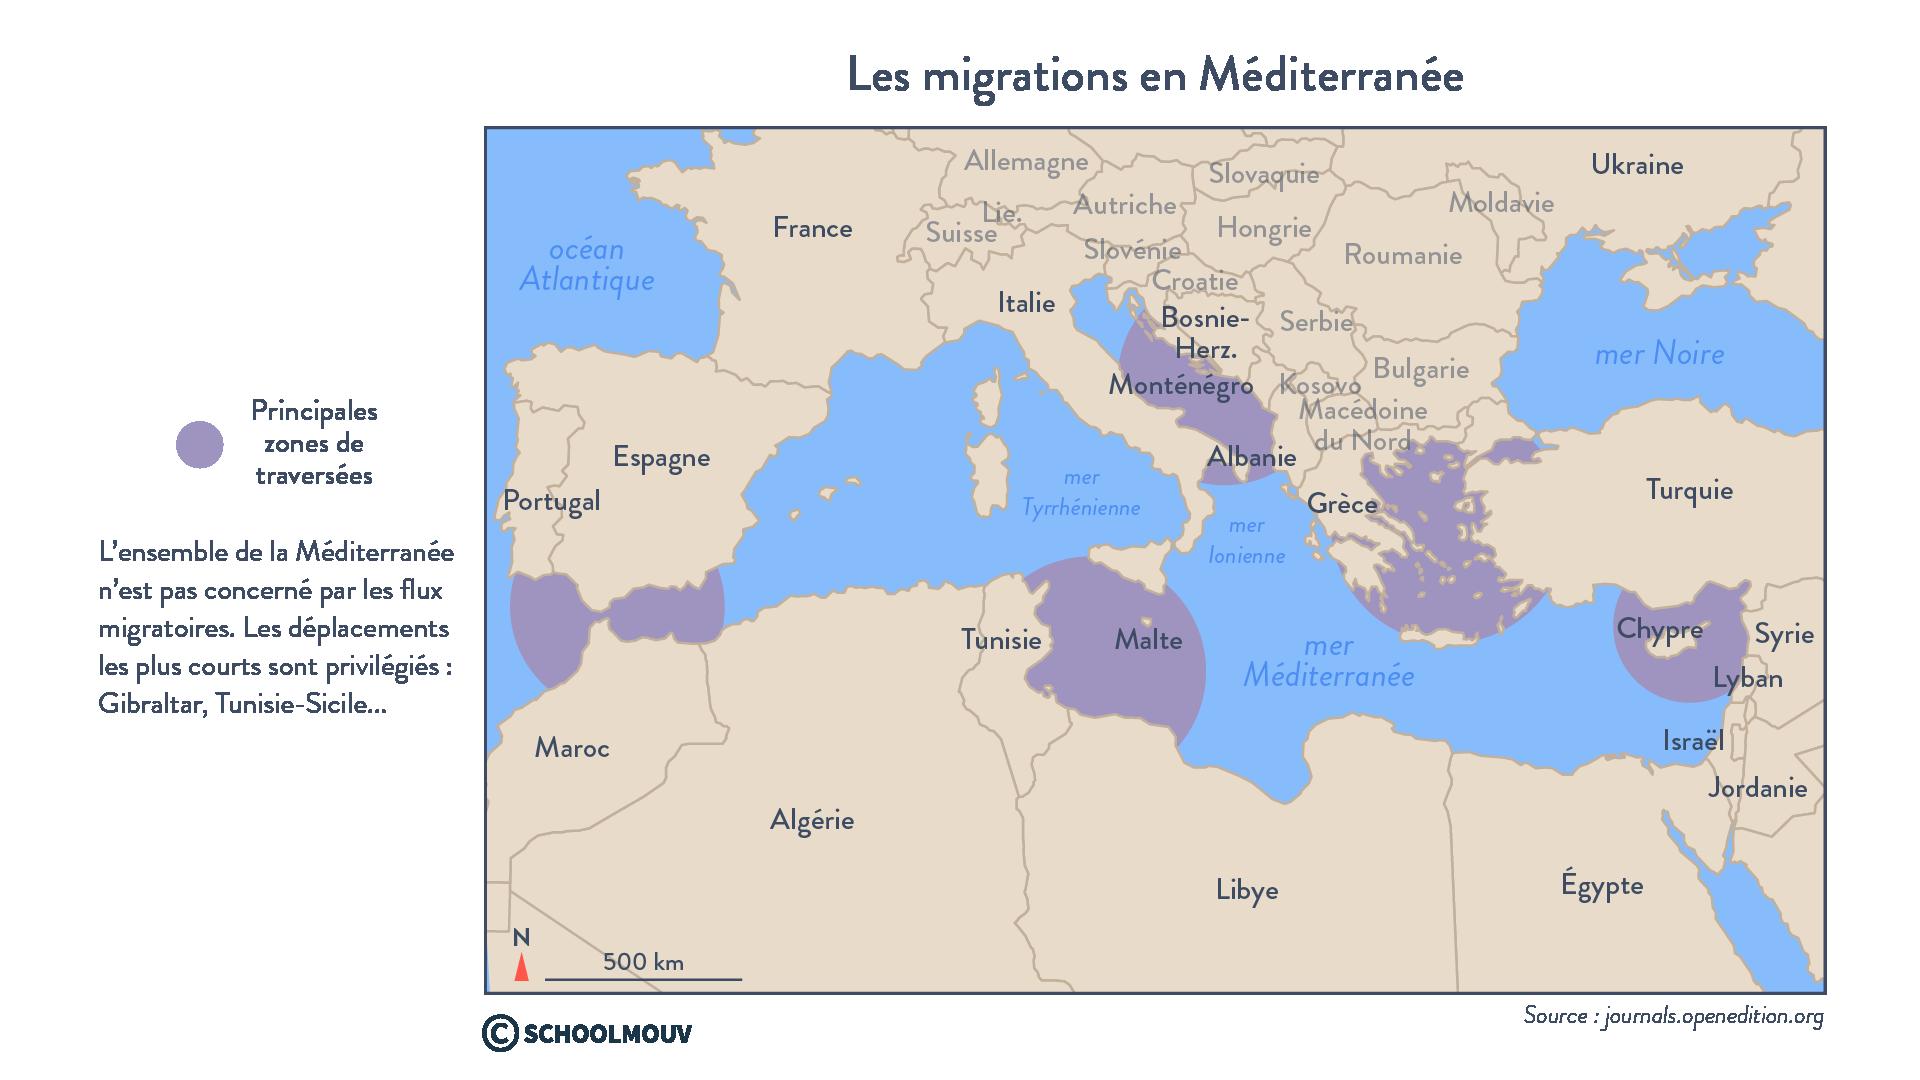 Les migrations en Méditerranée - géographie - terminale - SchoolMouv